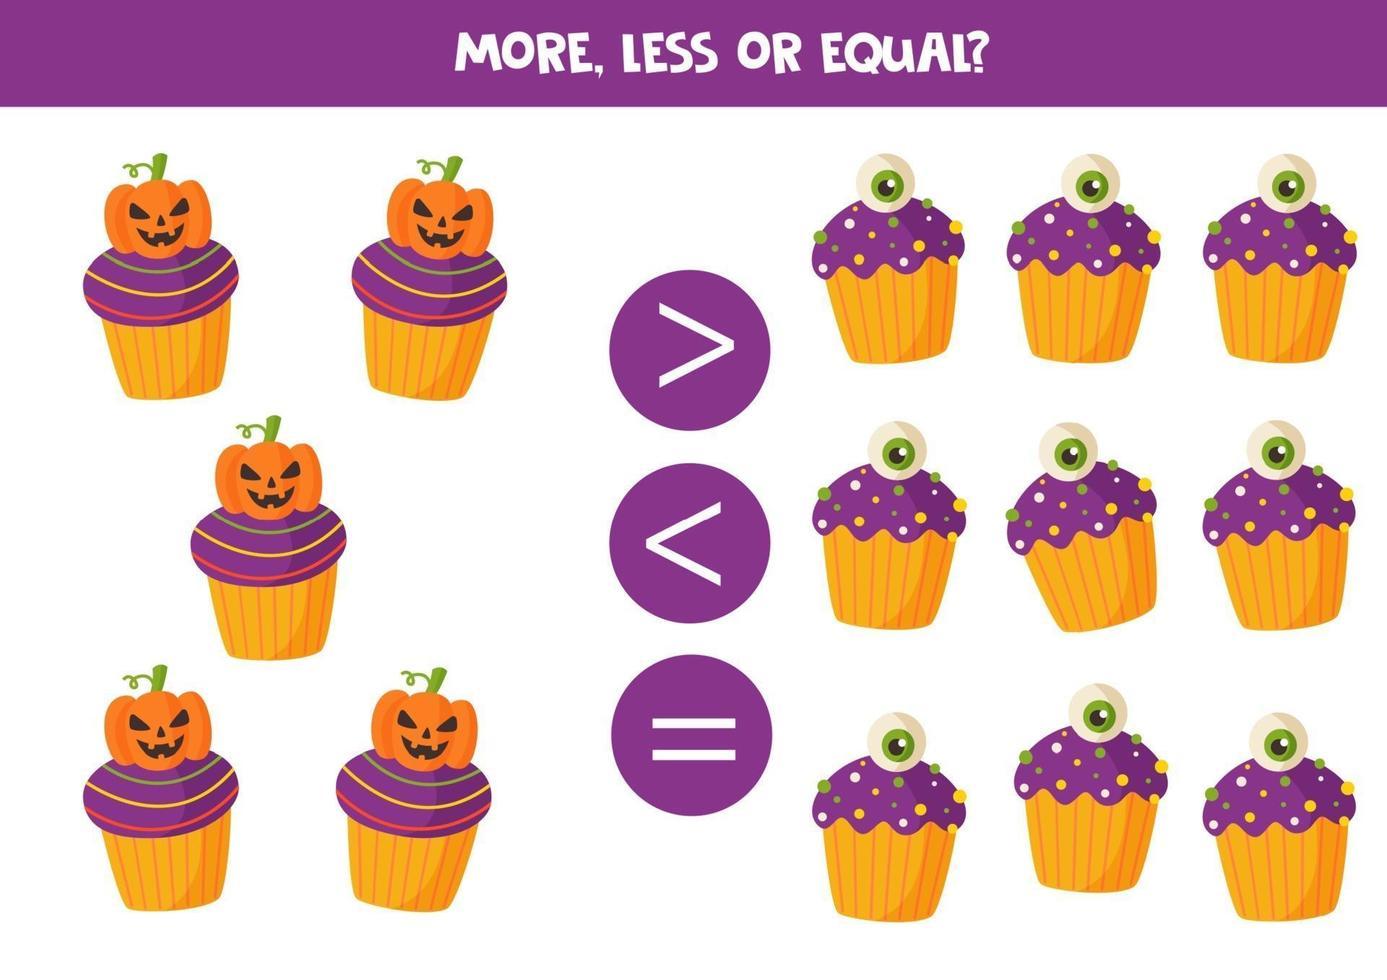 comparaison pour les enfants d'âge préscolaire. jeu de mathématiques avec des cupcakes d'halloween. vecteur